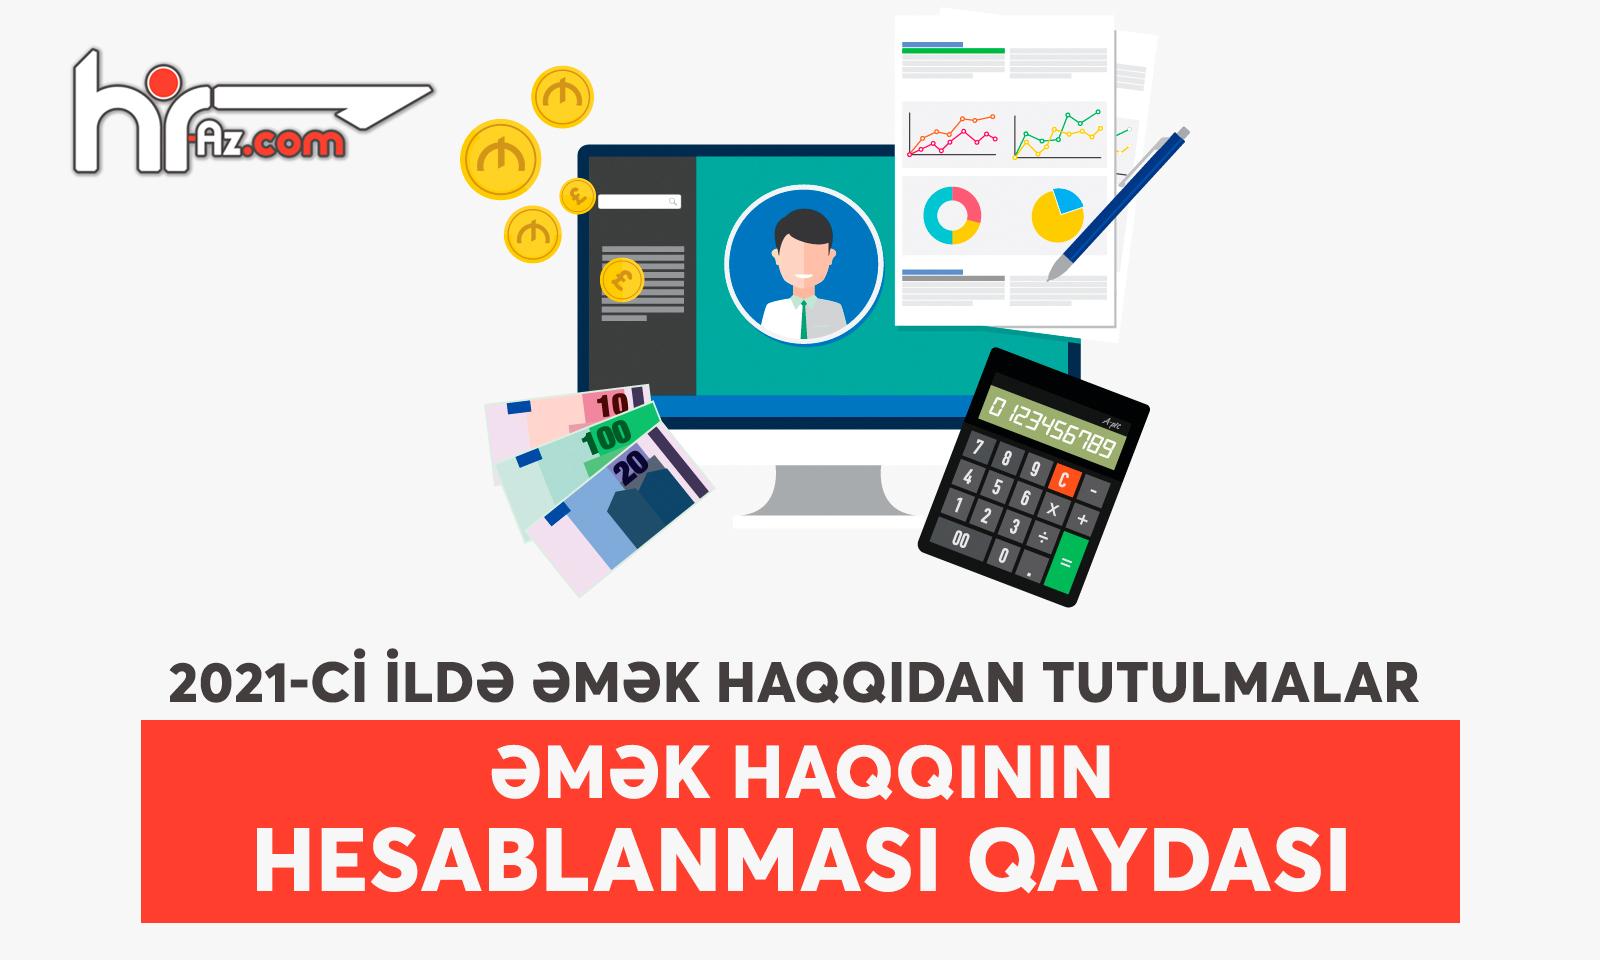 2021 Ci Ildə əmək Haqqidan Tutulmalar əmək Haqqinin Hesablanmasi Qaydasi Hr Azərbaycan Azərbaycanin Ilk Insan Resurslari Portali